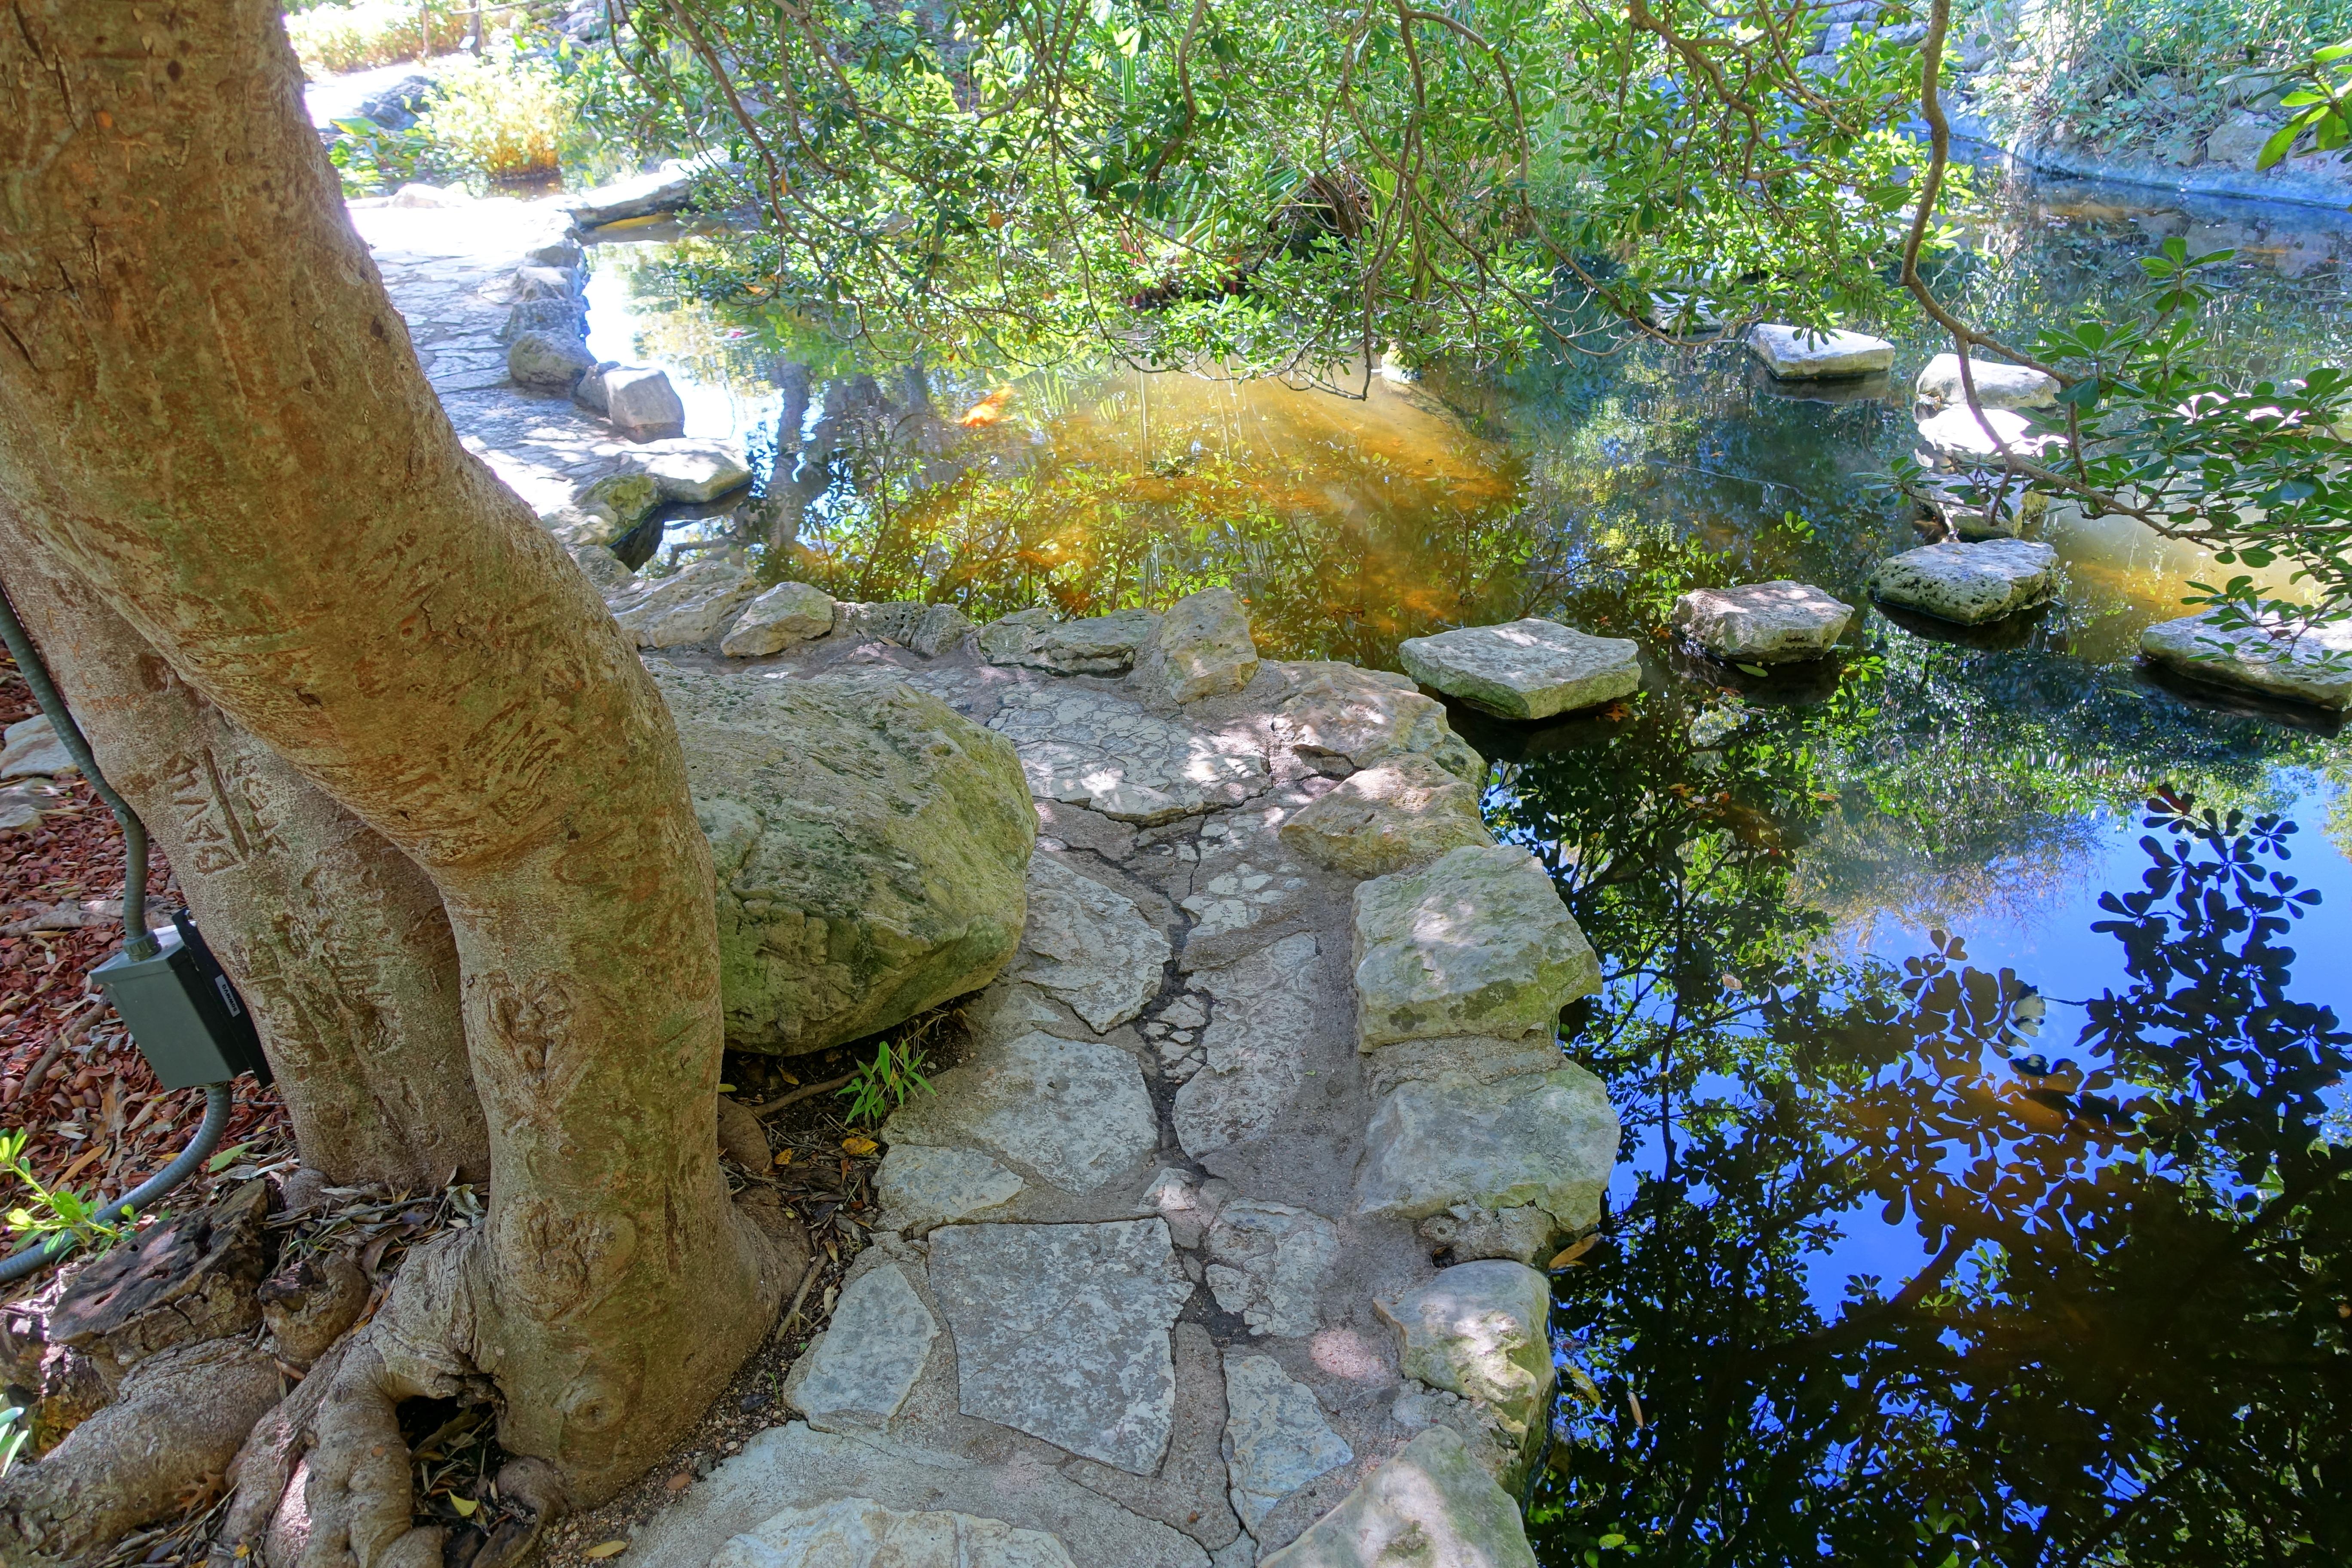 File:Koi Pond   Isamu Taniguchi Japanese Garden   Zilker Botanical Garden    Austin,